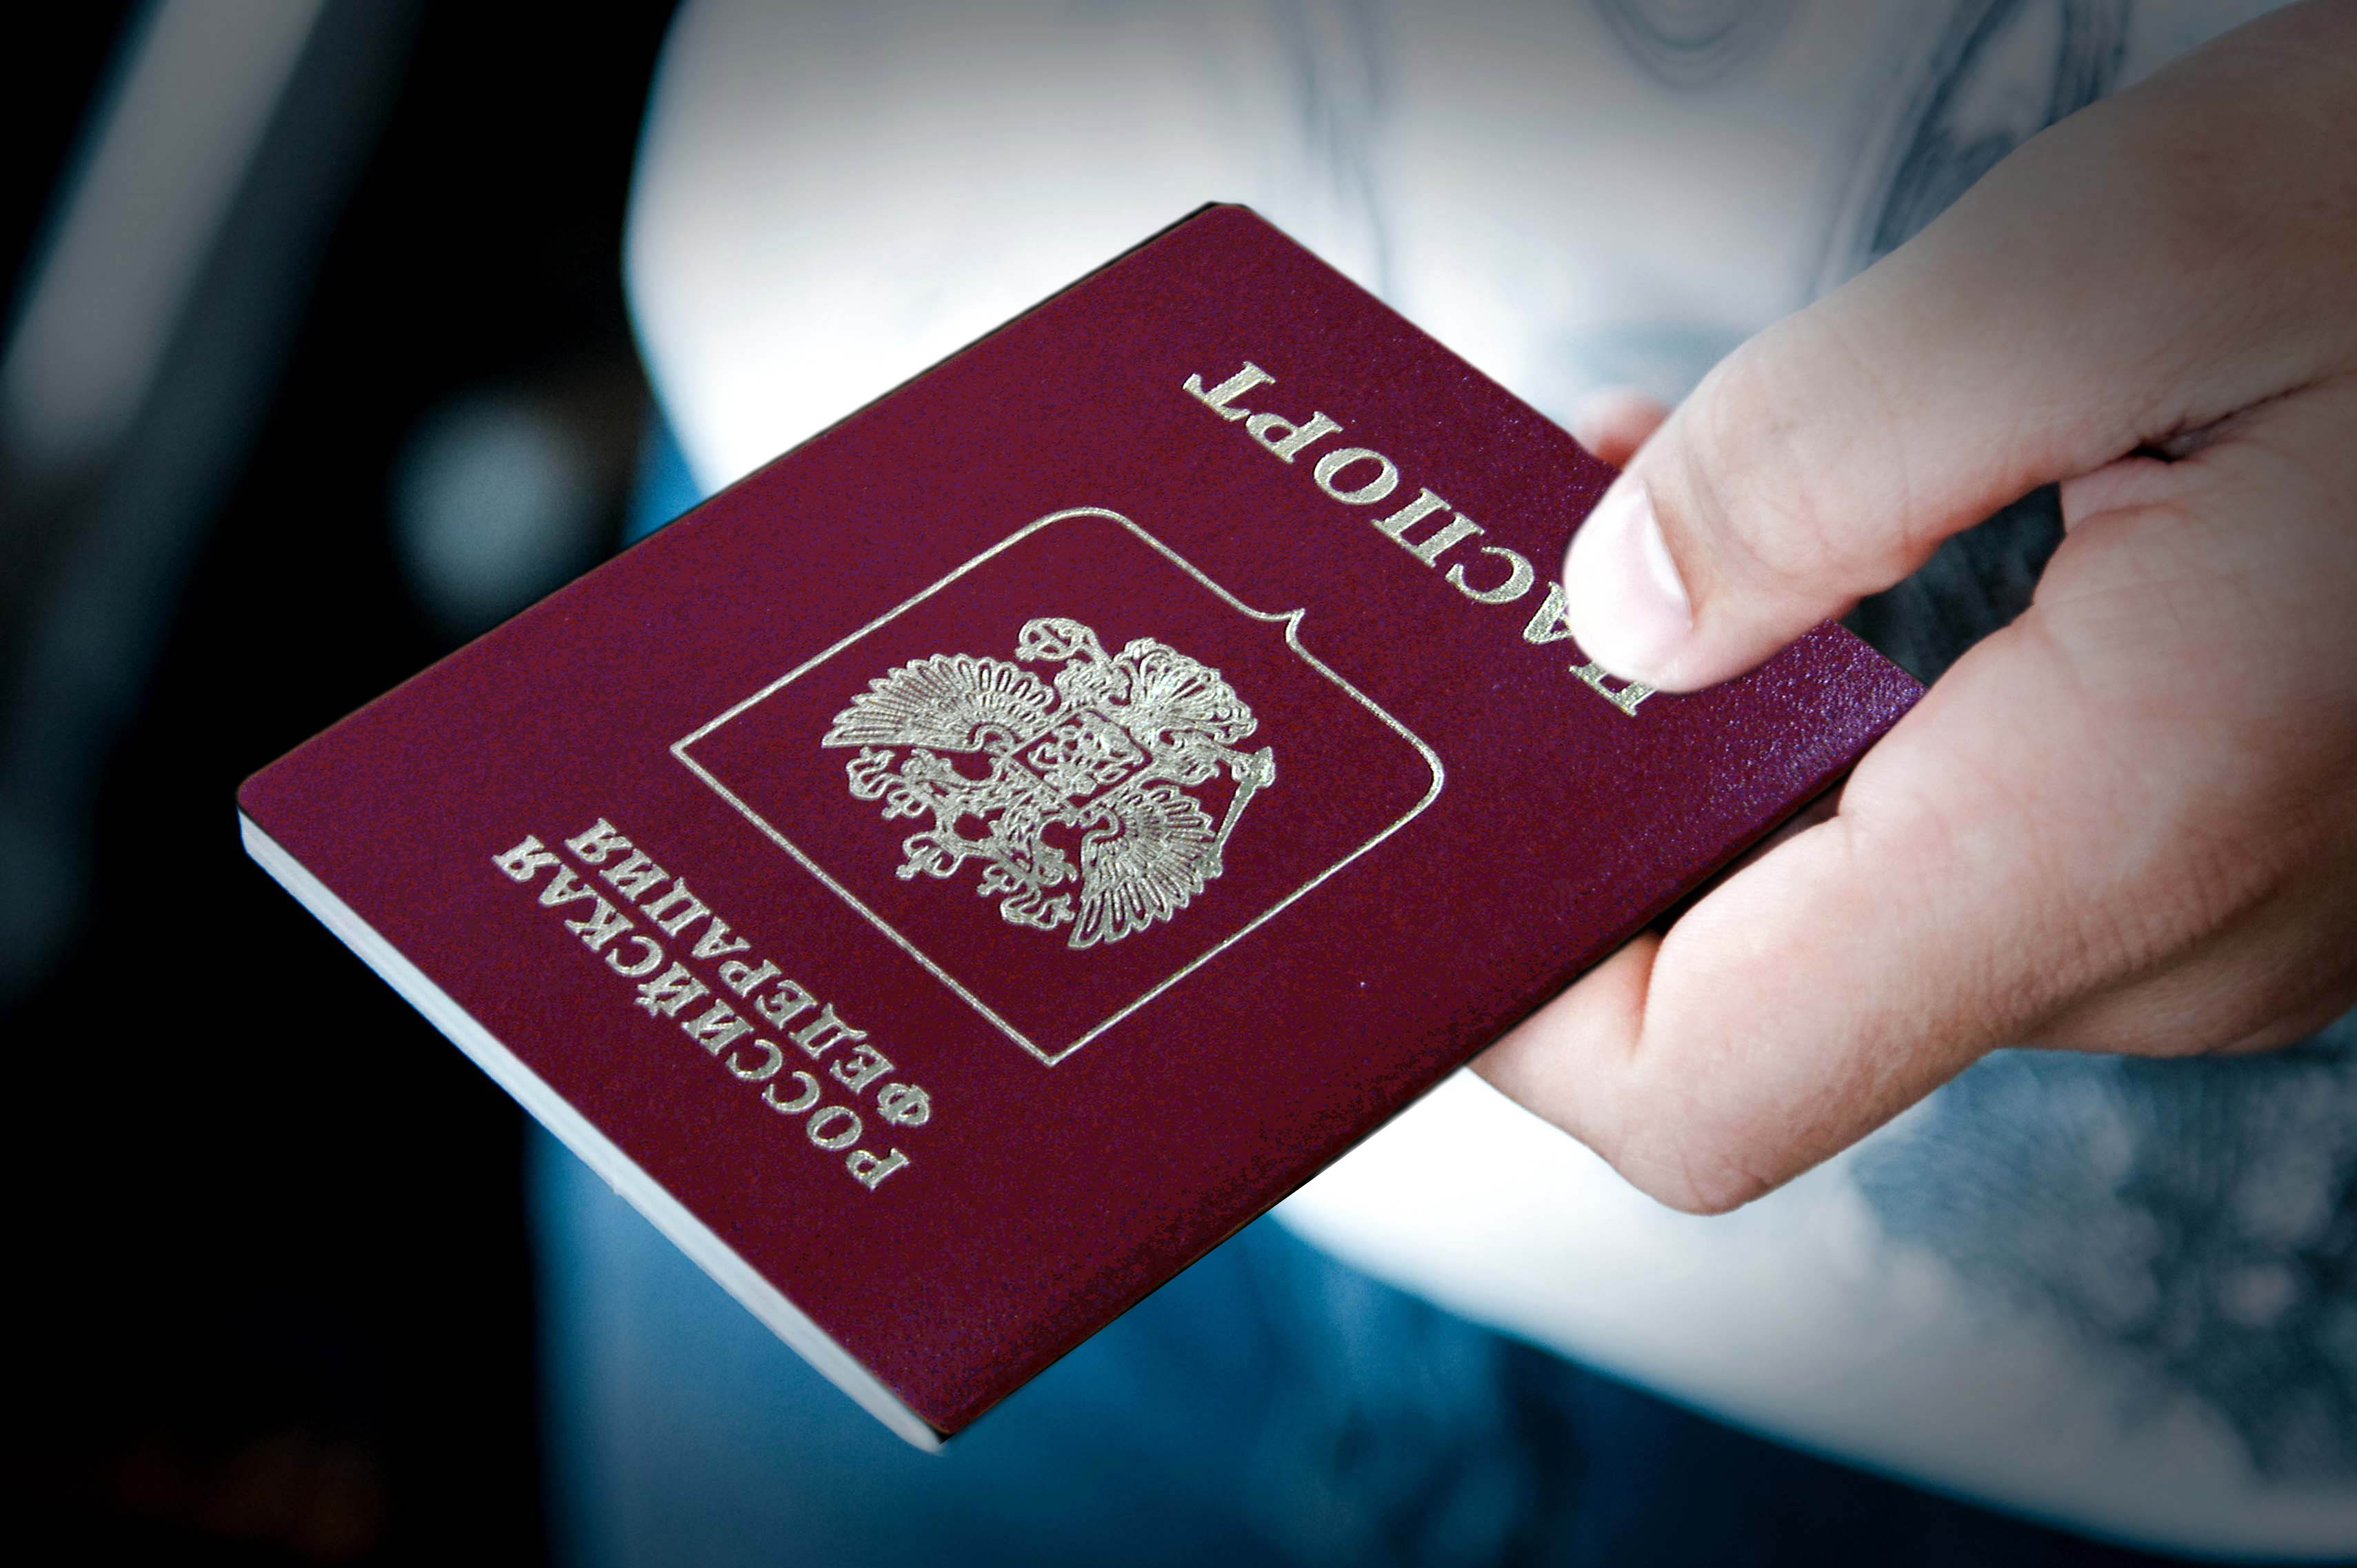 В Миграционной службе ДНР рассказали, как подать документы на получение паспорта РФ без паспорта Украины